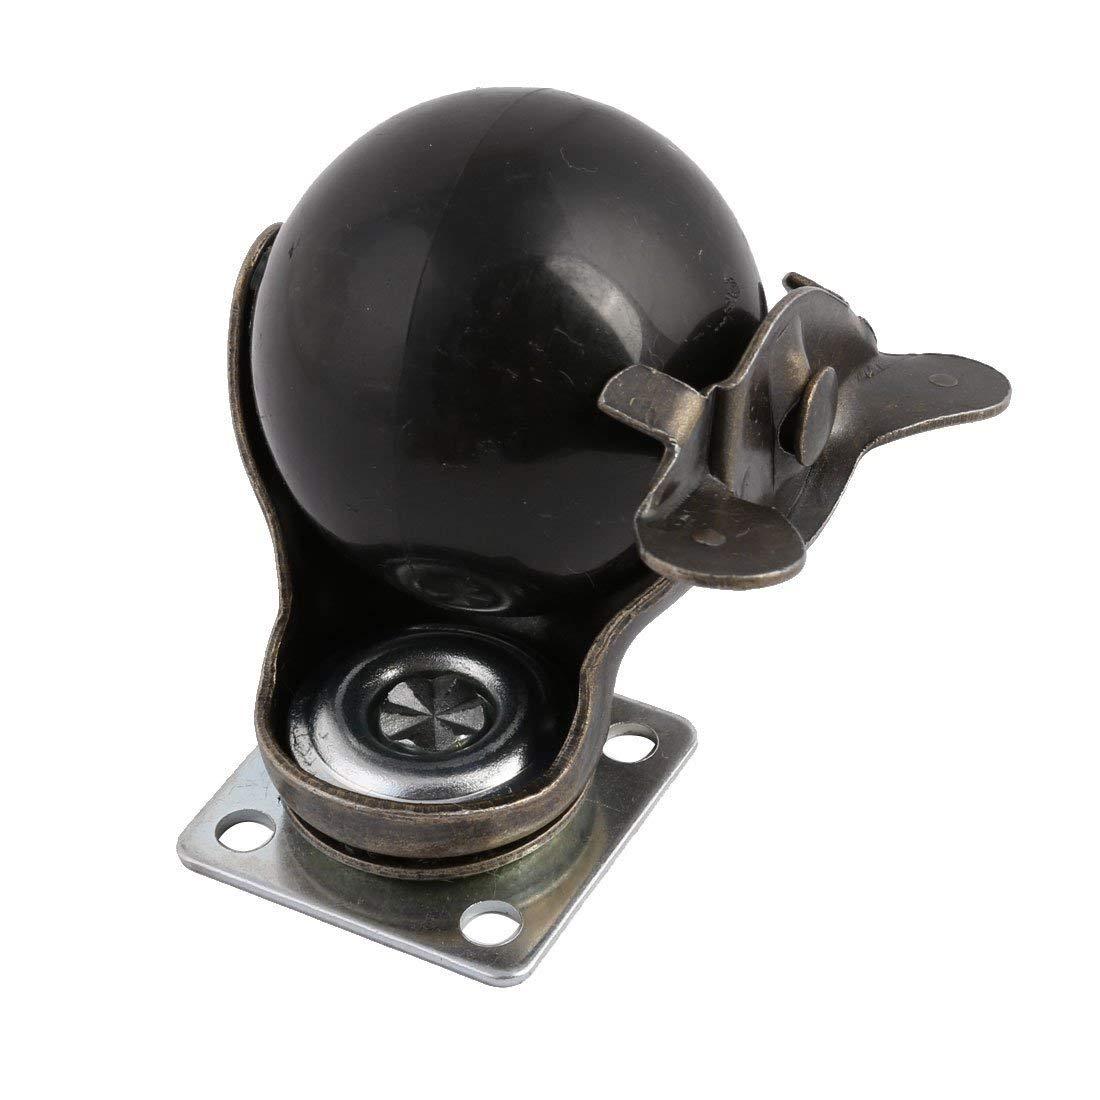 Útil [4 pacote] roda de rodízio de bola com capuz placa superior giratória, bronze antigo (1.5 polegadas com freio)-3